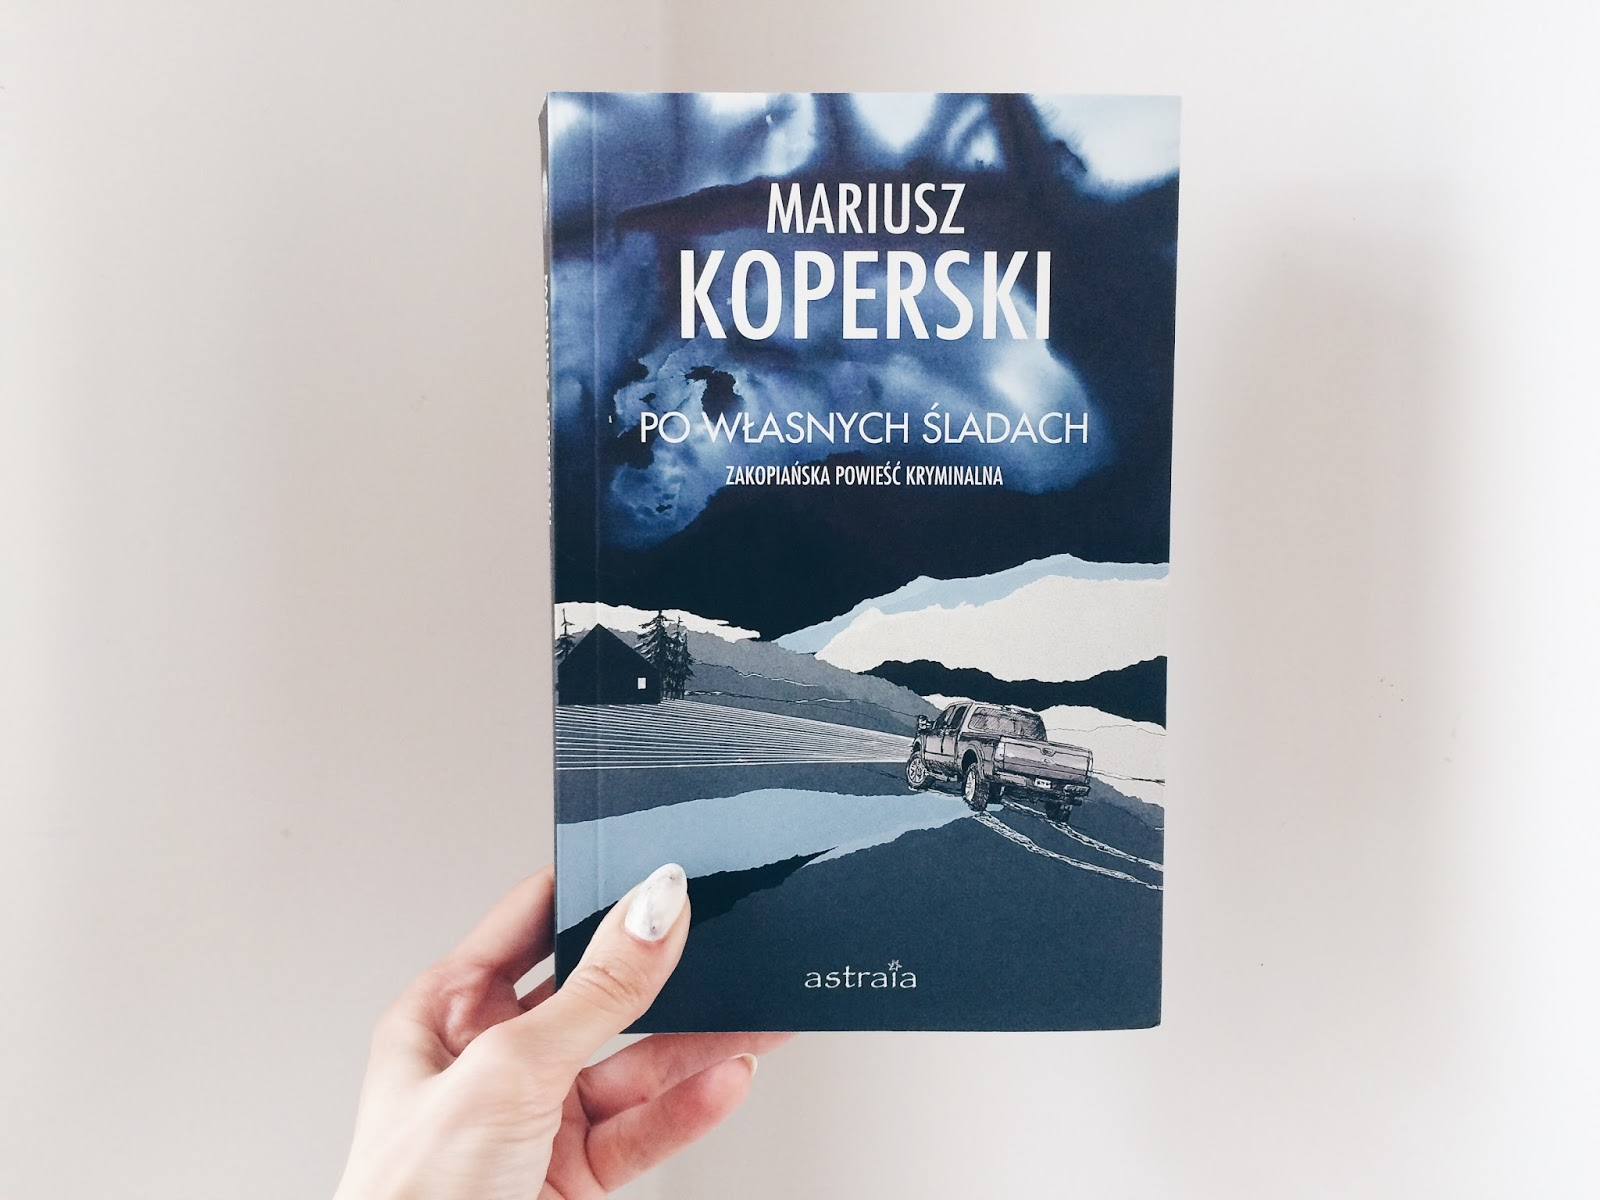 Po własnych śladach // Mariusz Koperski